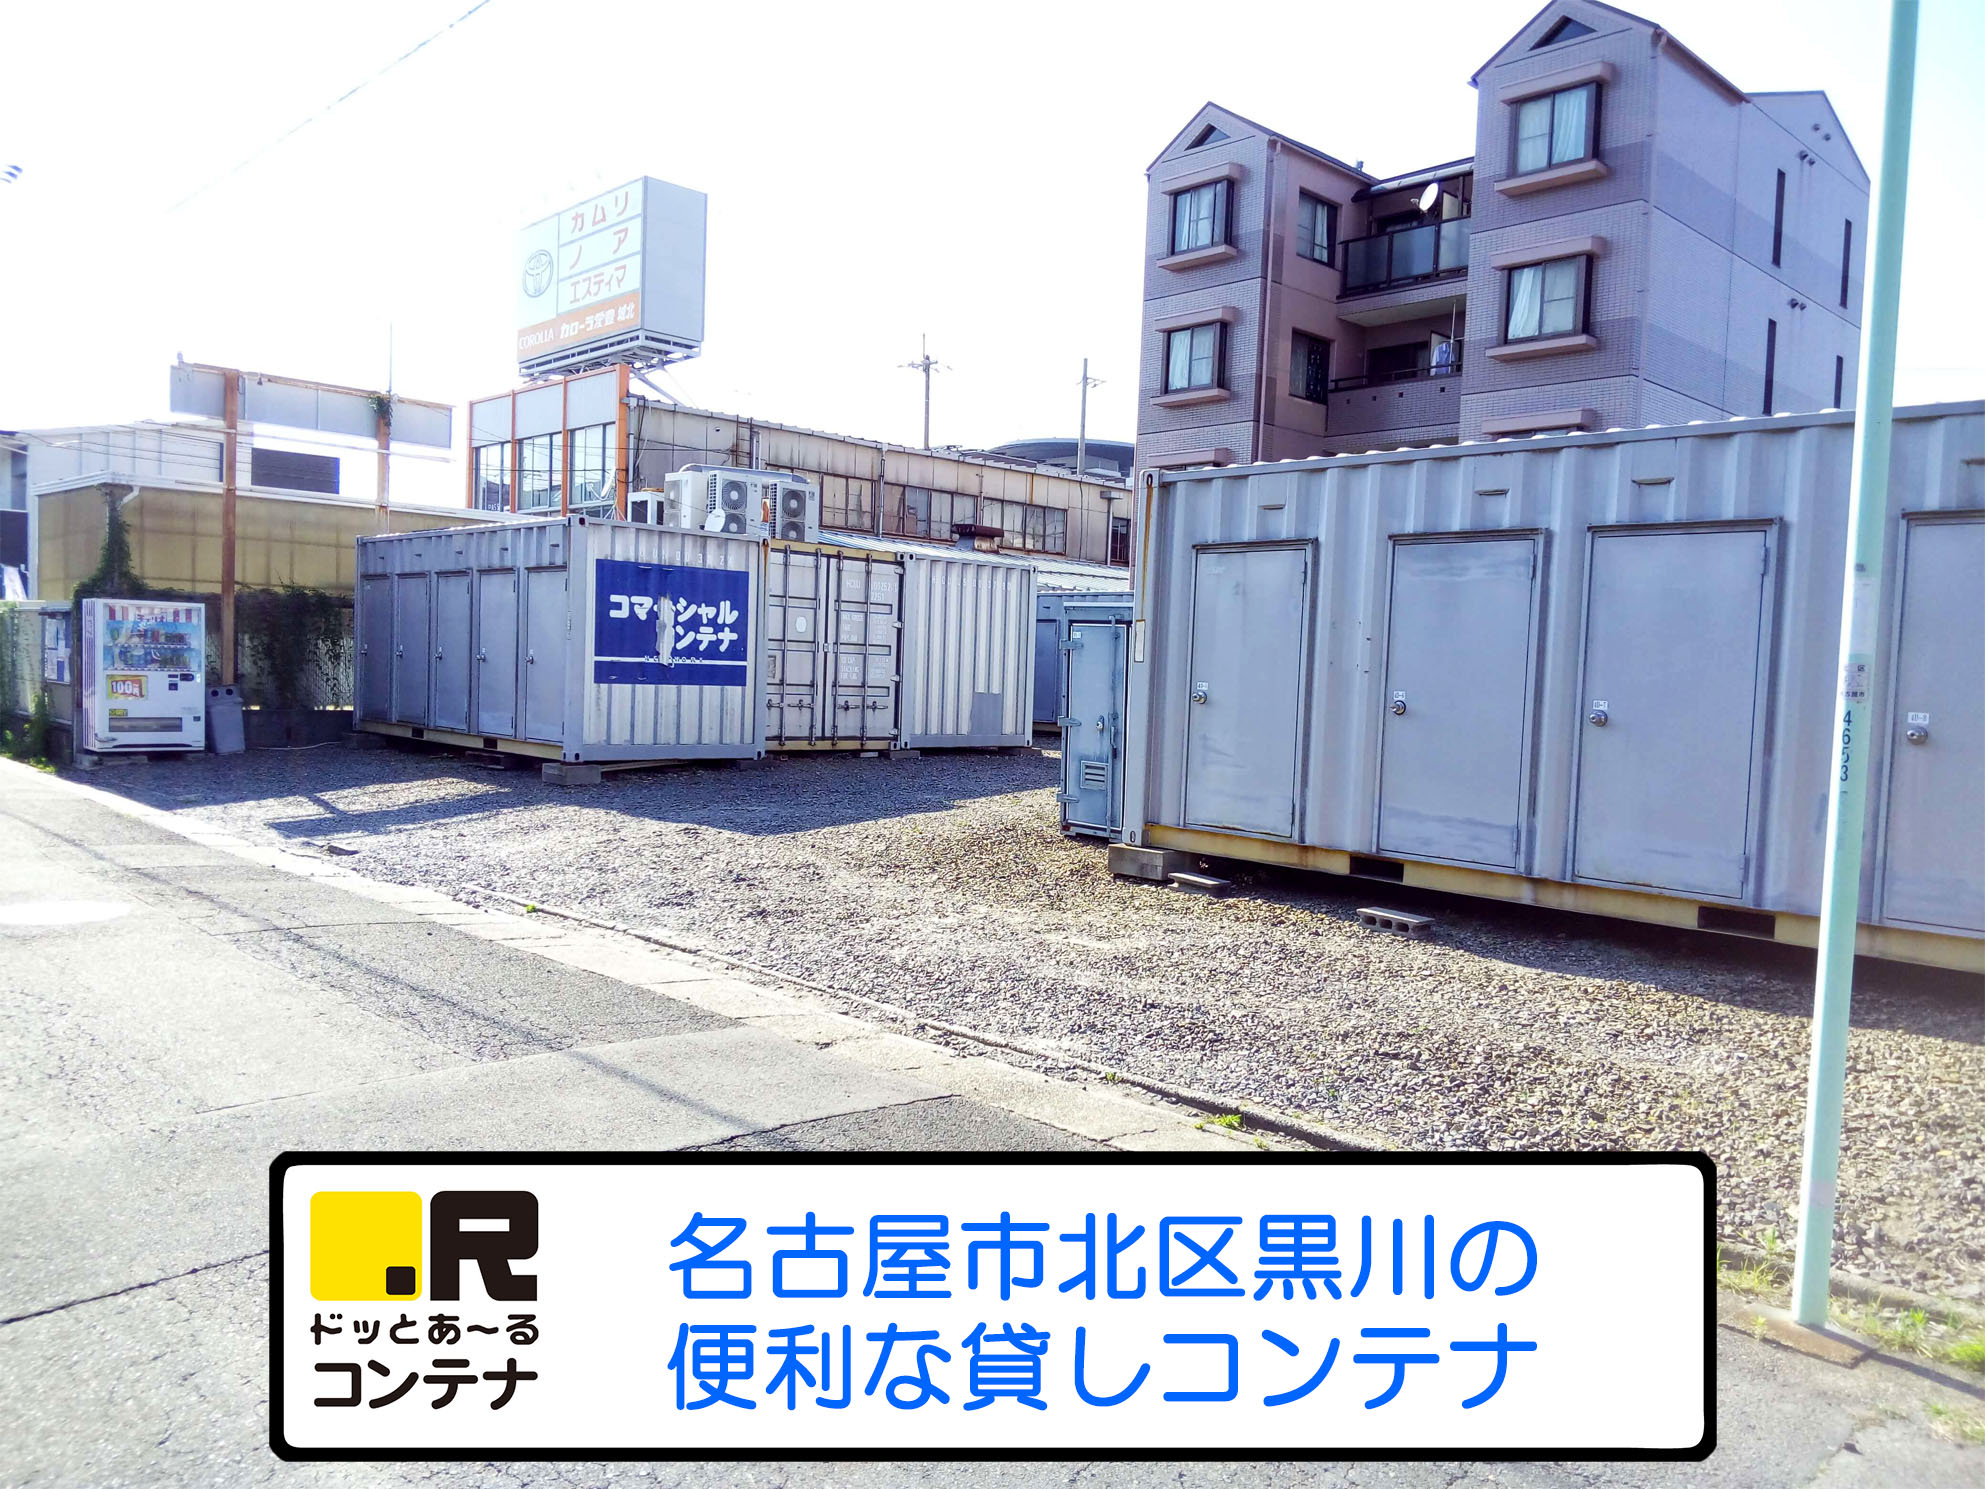 ドッとあ~るコンテナ黒川店